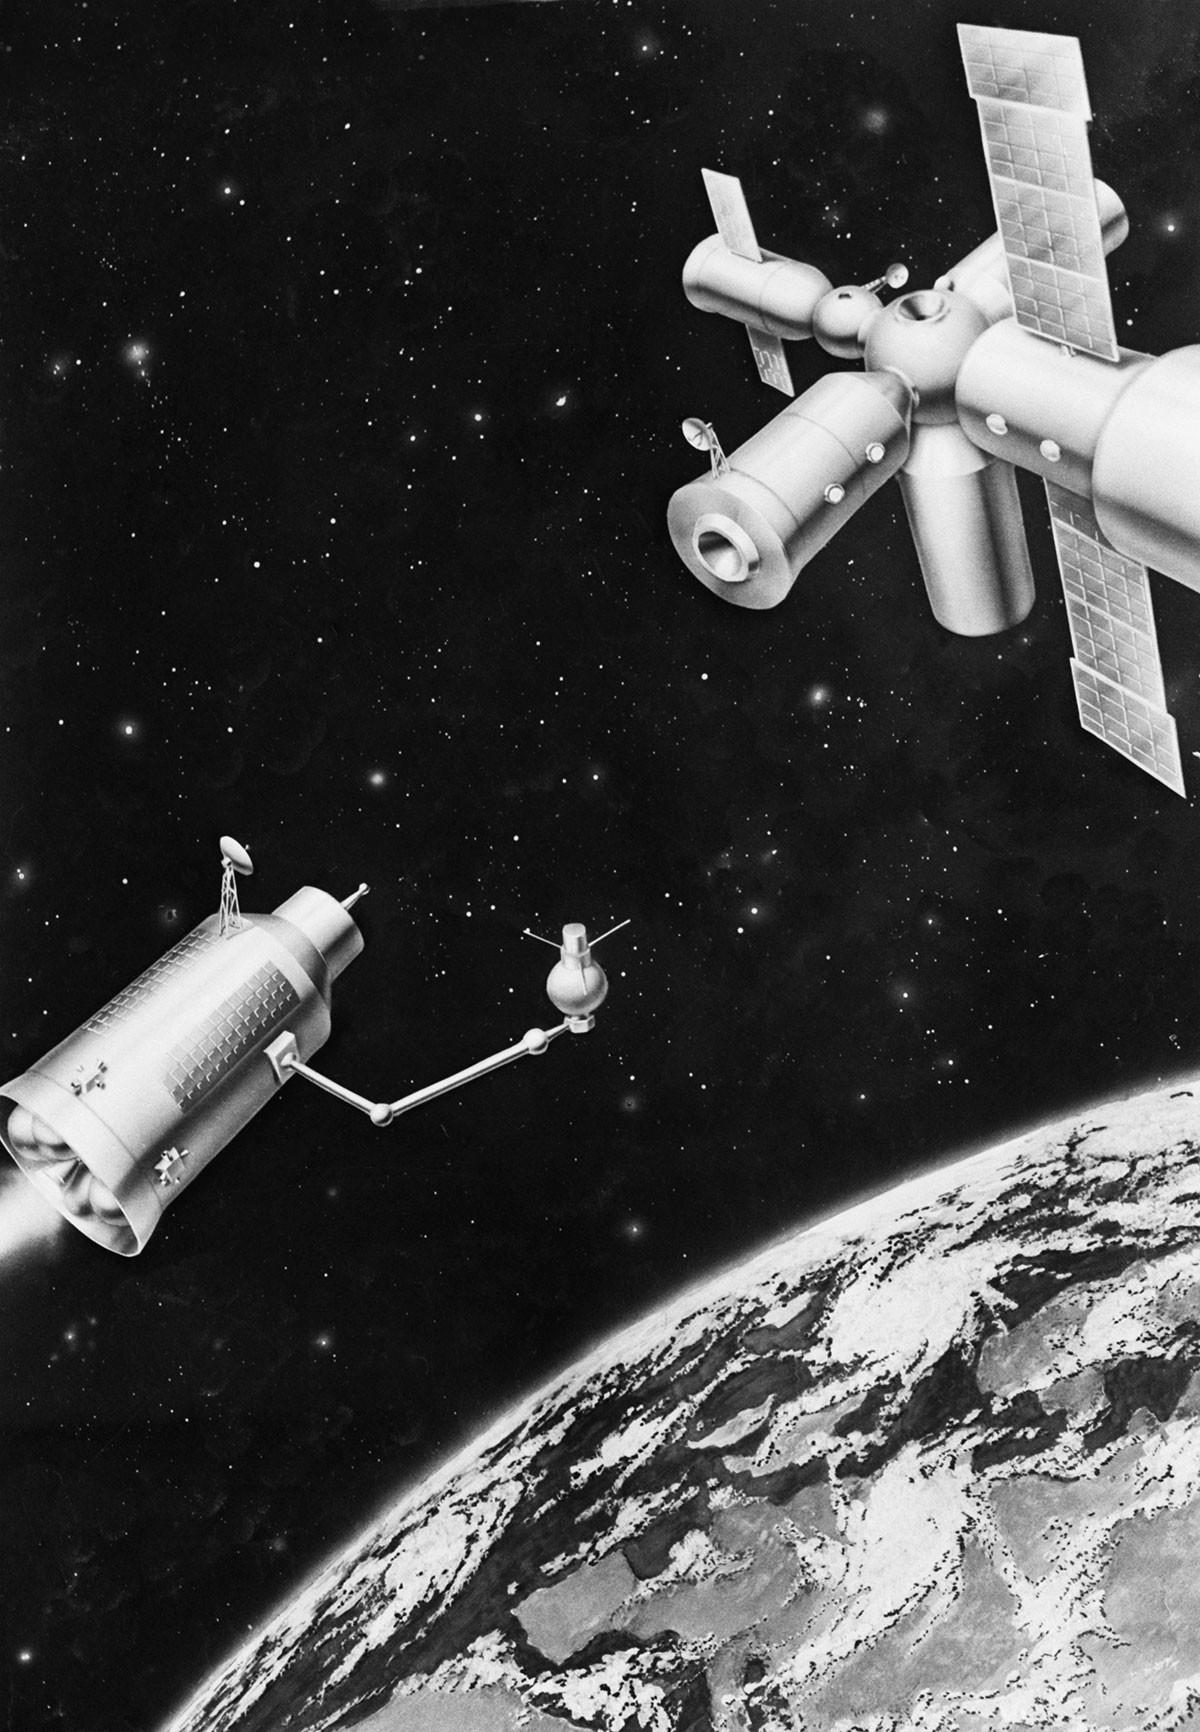 Dessin schématique de la fusée destinée à rejoindre Mars avec la station en orbite autour de la Terre